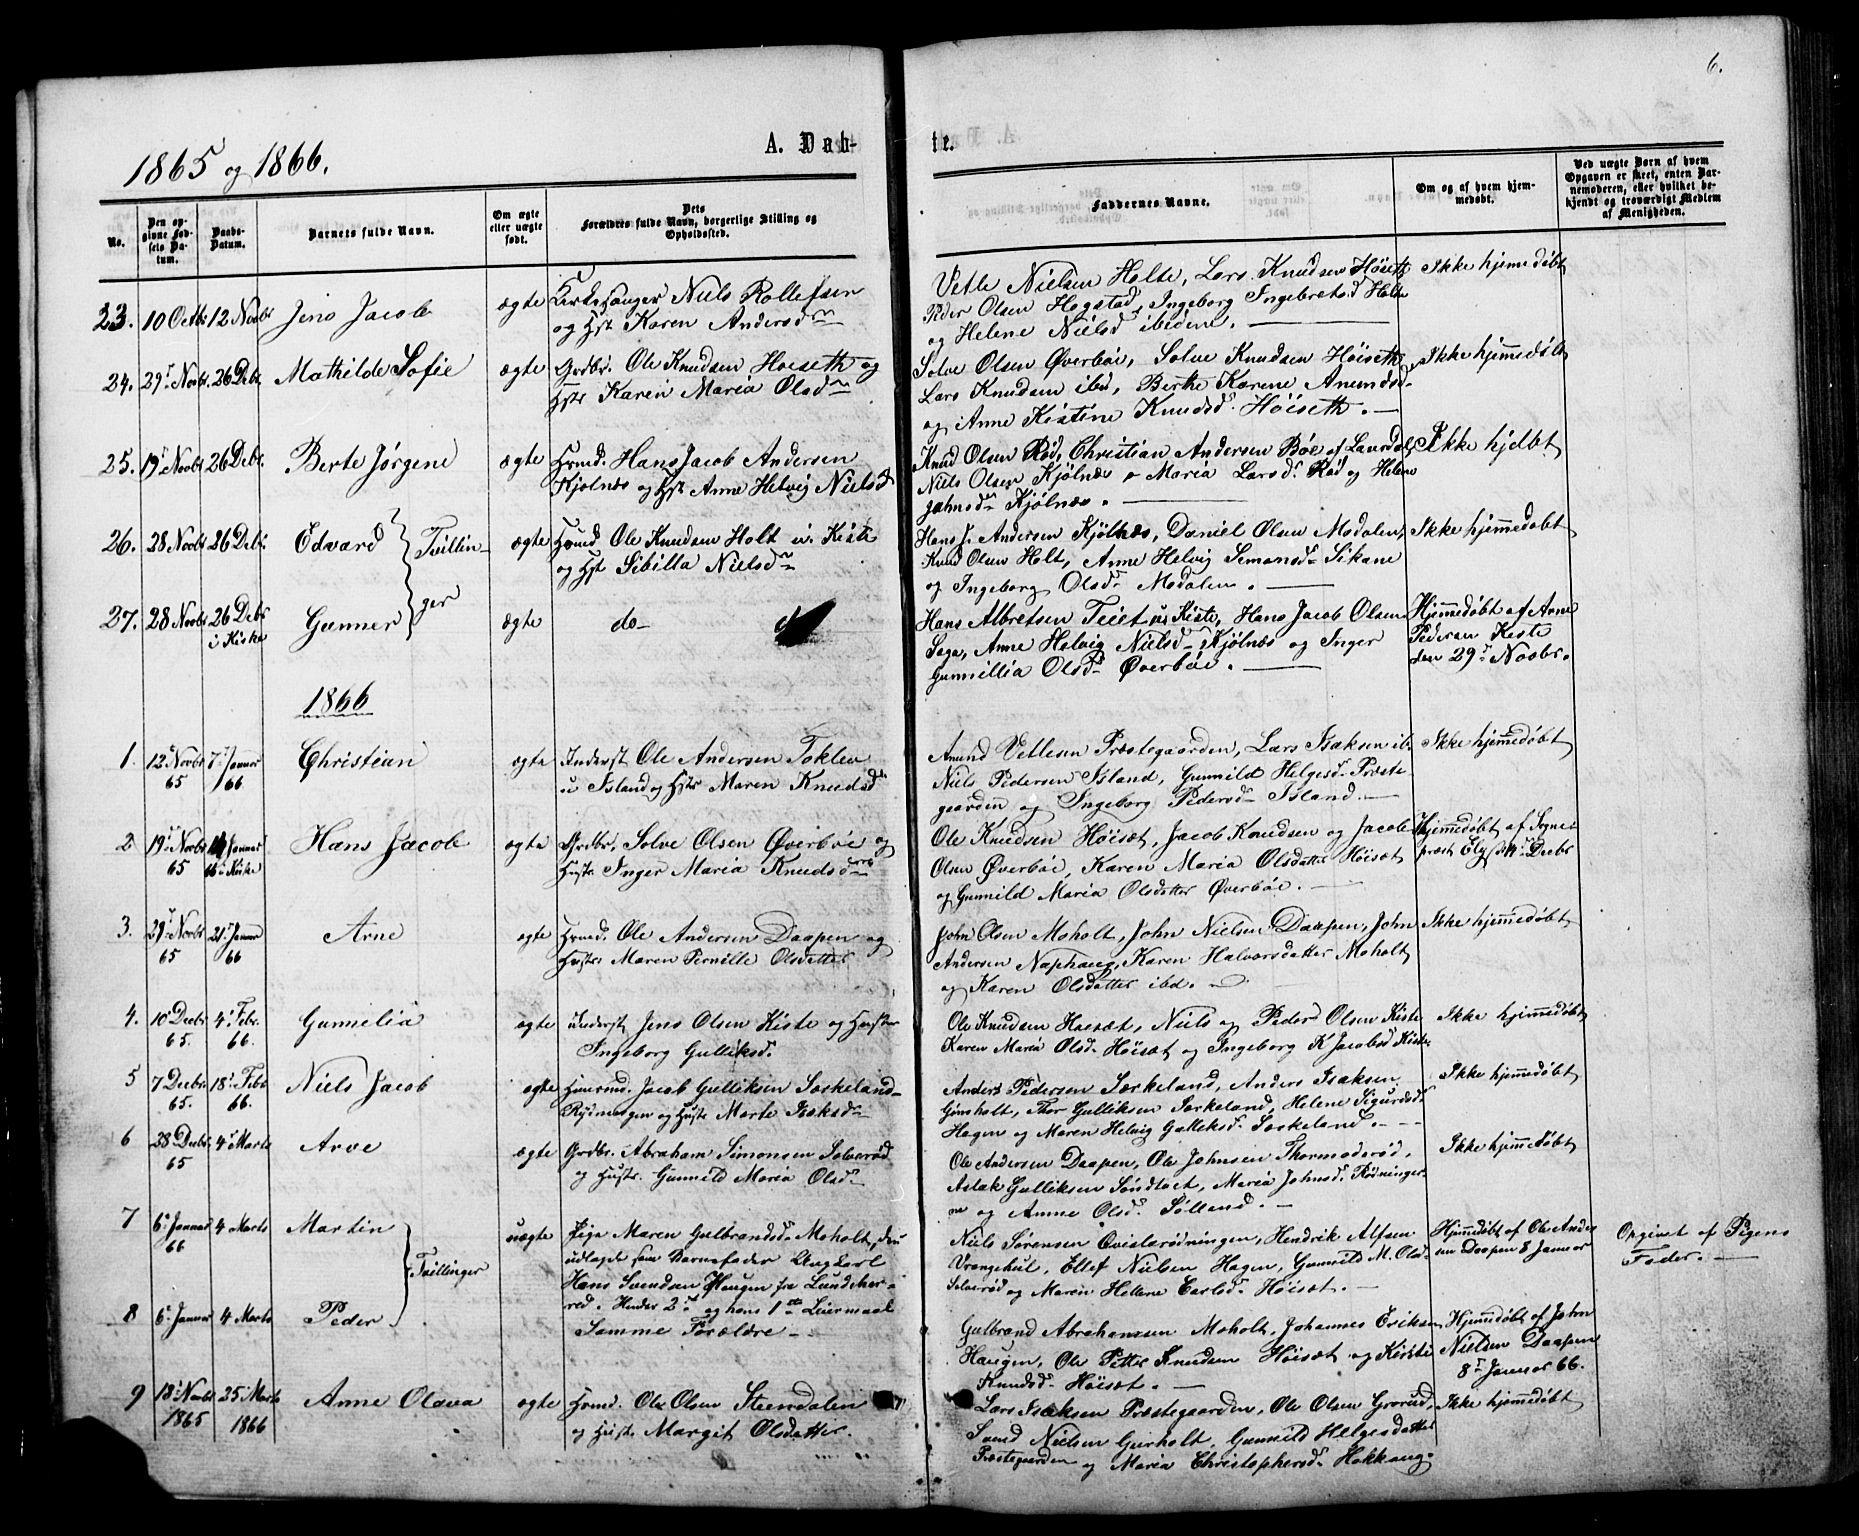 SAKO, Siljan kirkebøker, G/Ga/L0002: Klokkerbok nr. 2, 1864-1908, s. 6